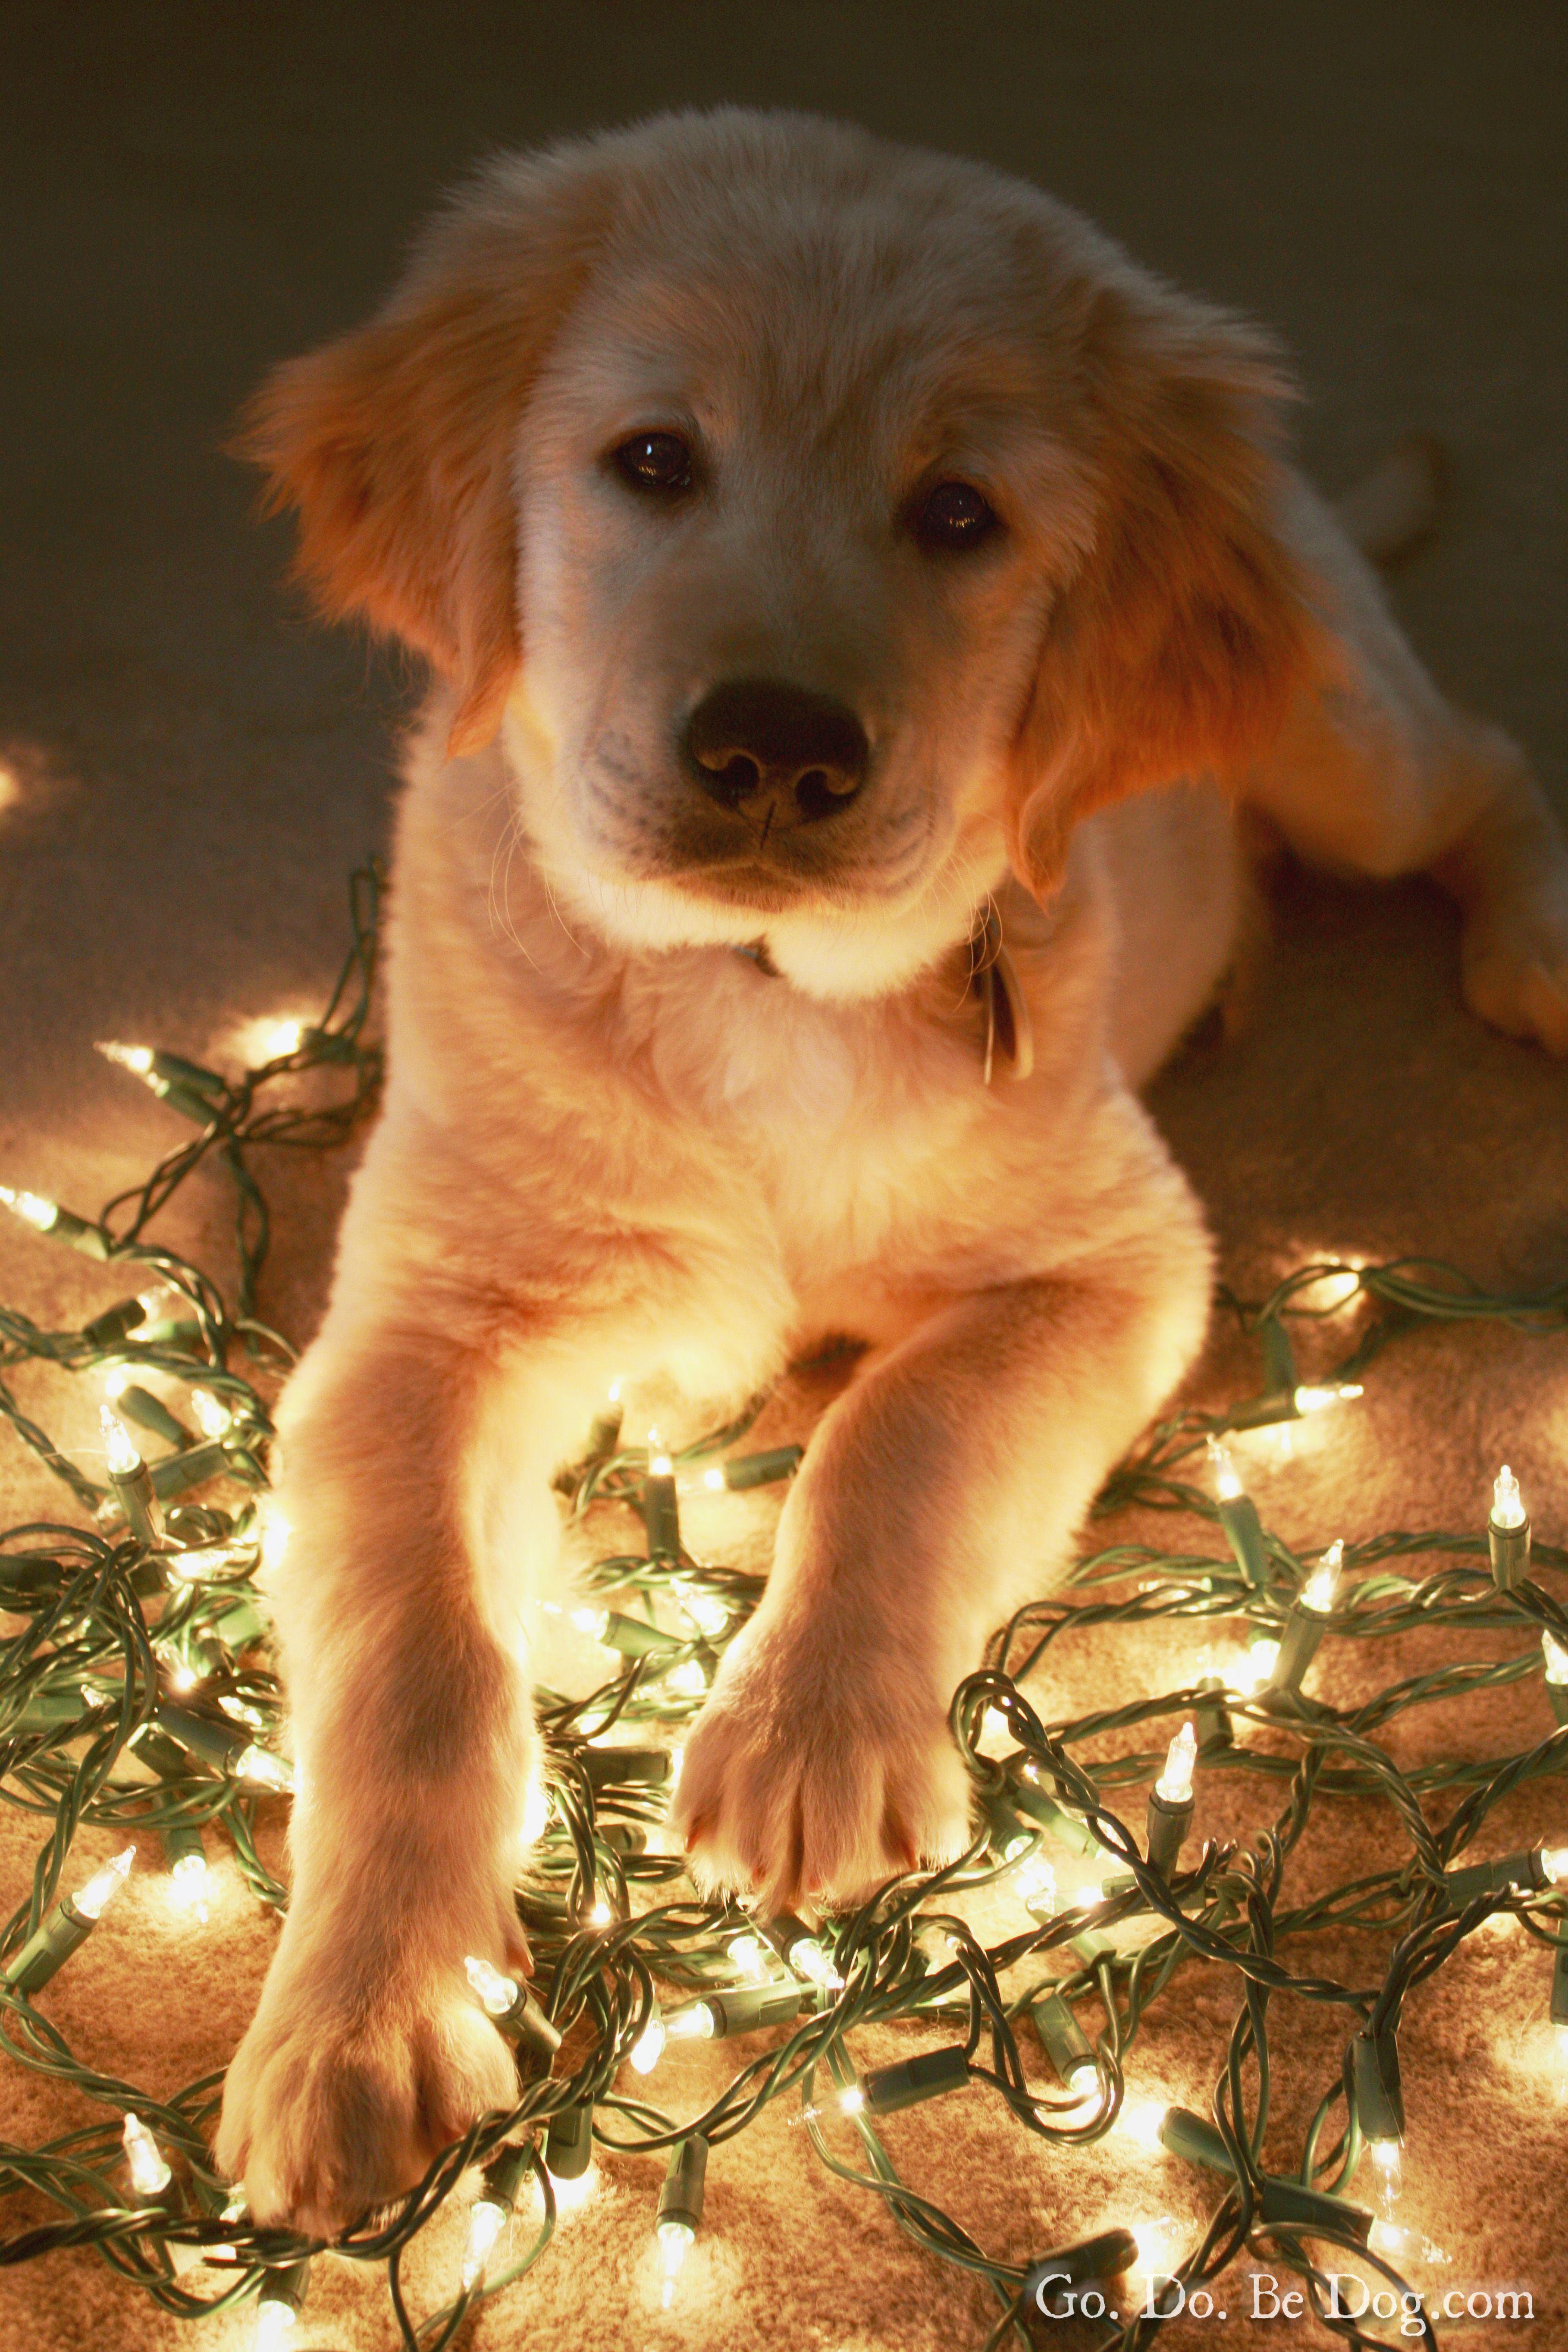 Puppy glow